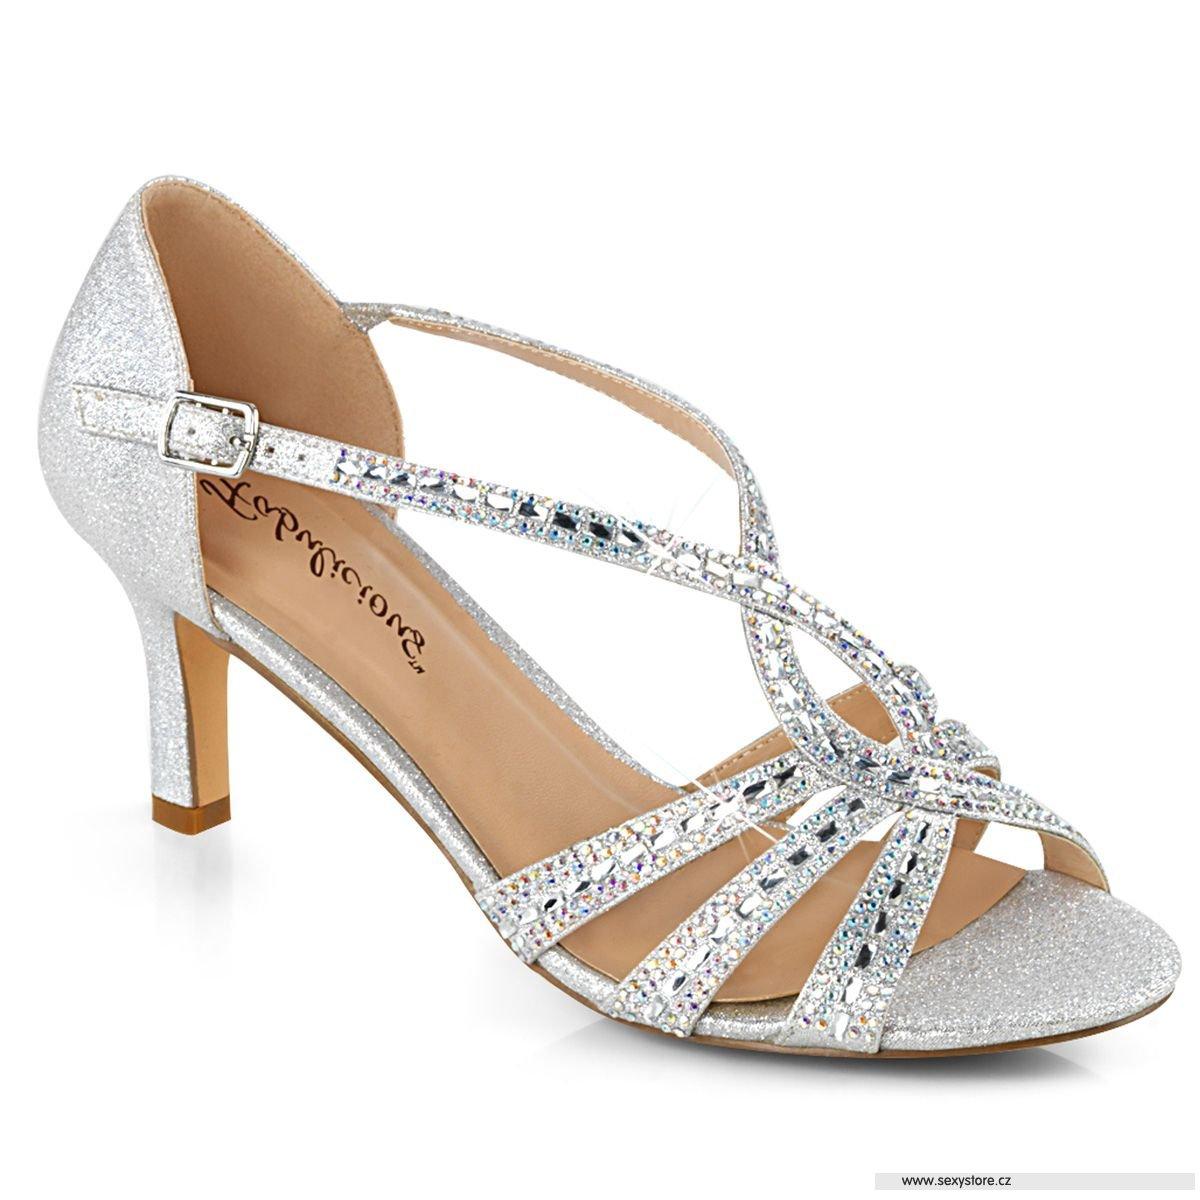 MISSY03 SFA stříbrné plesové boty na nízkém podpatku  9b56f5038a